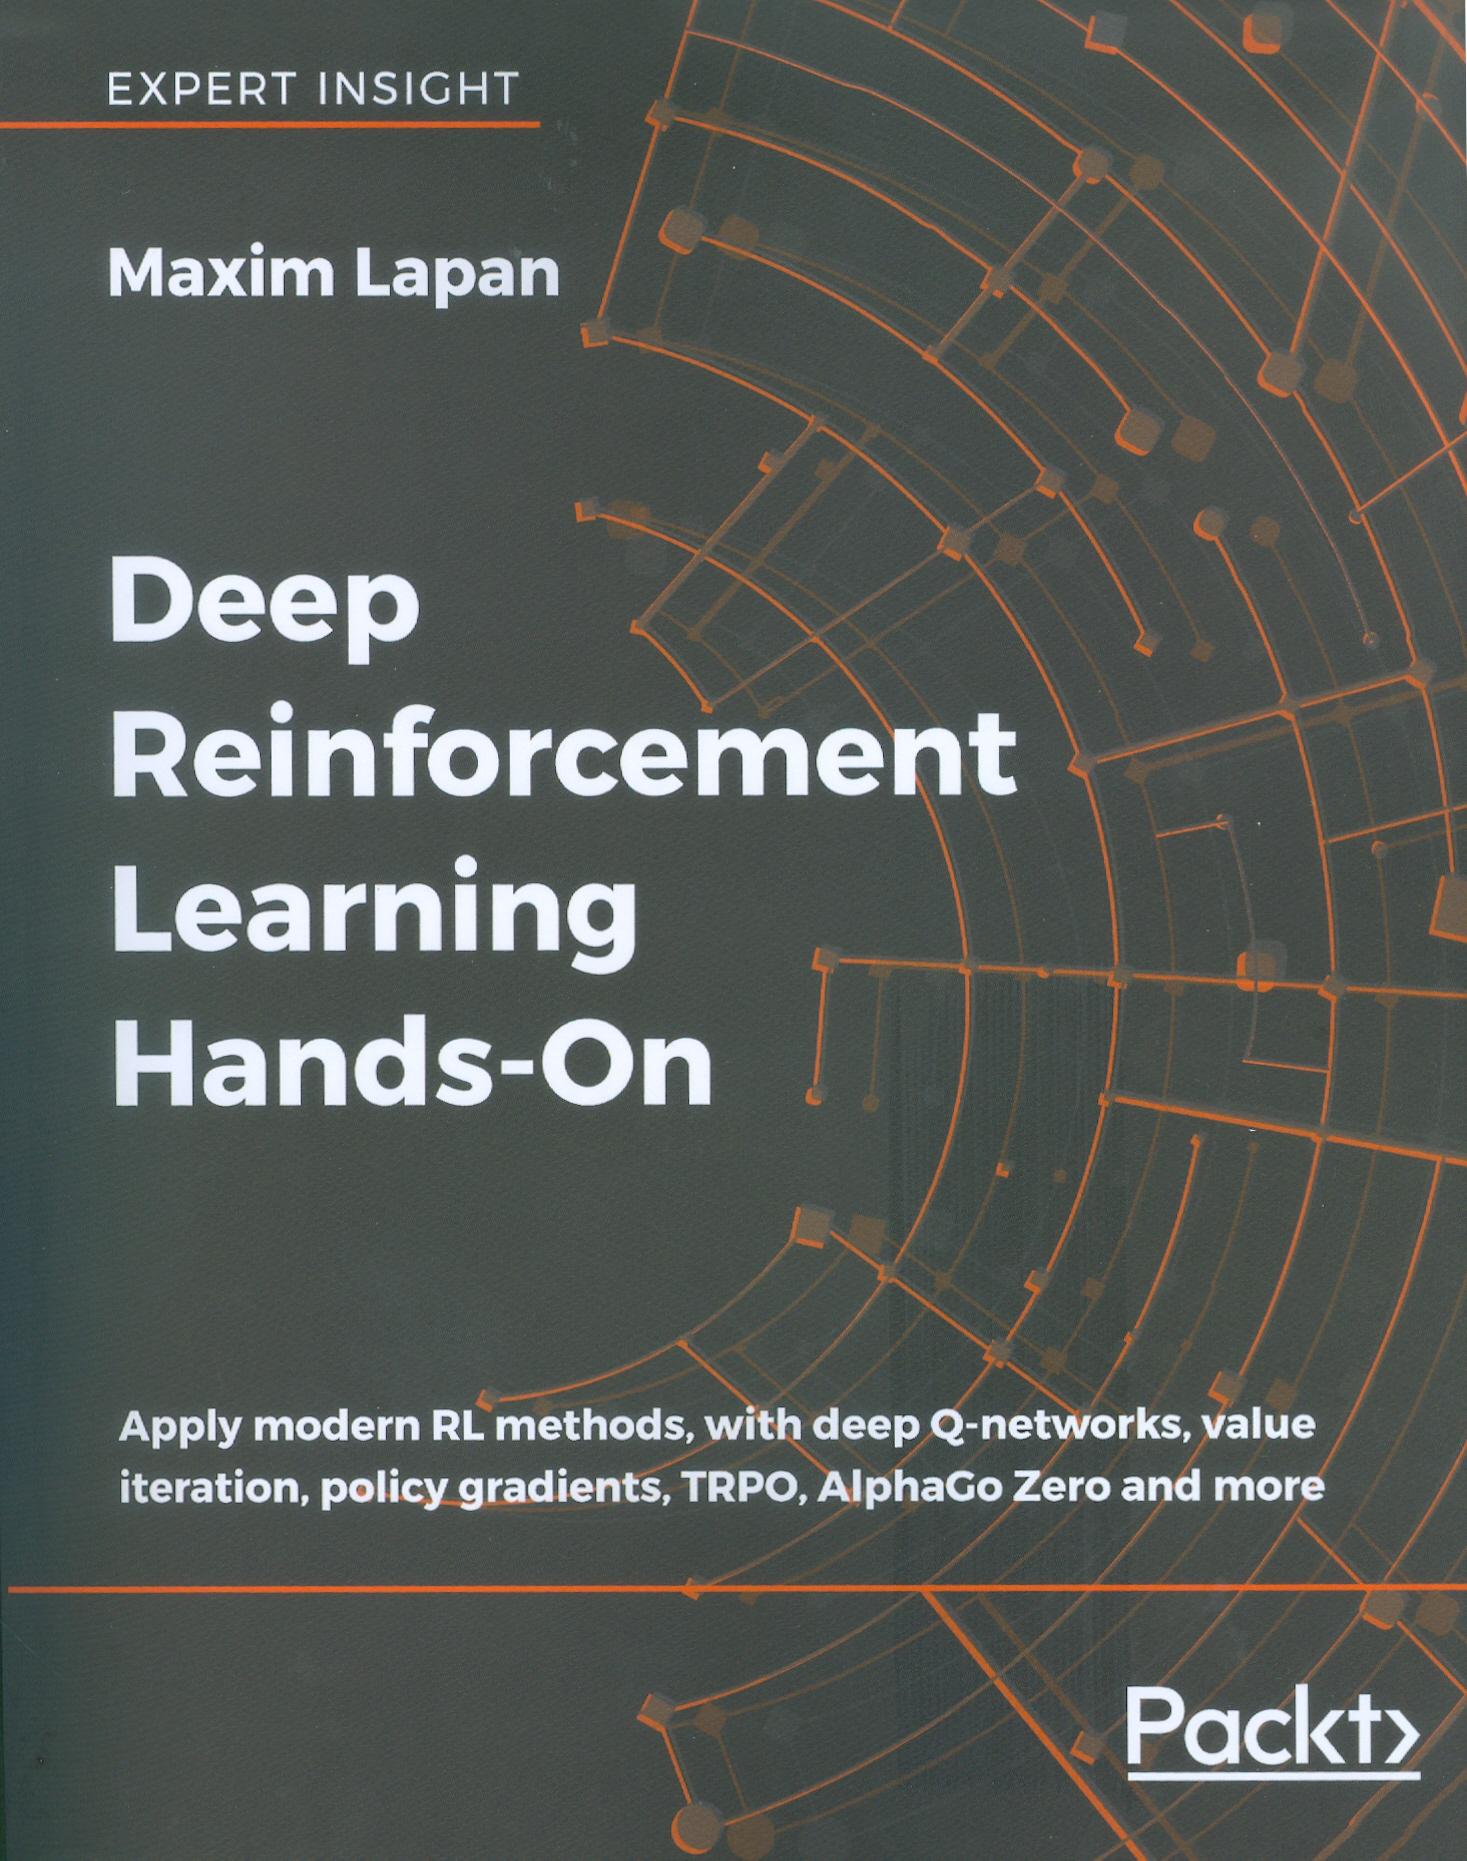 deep reinforcement0001.jpg